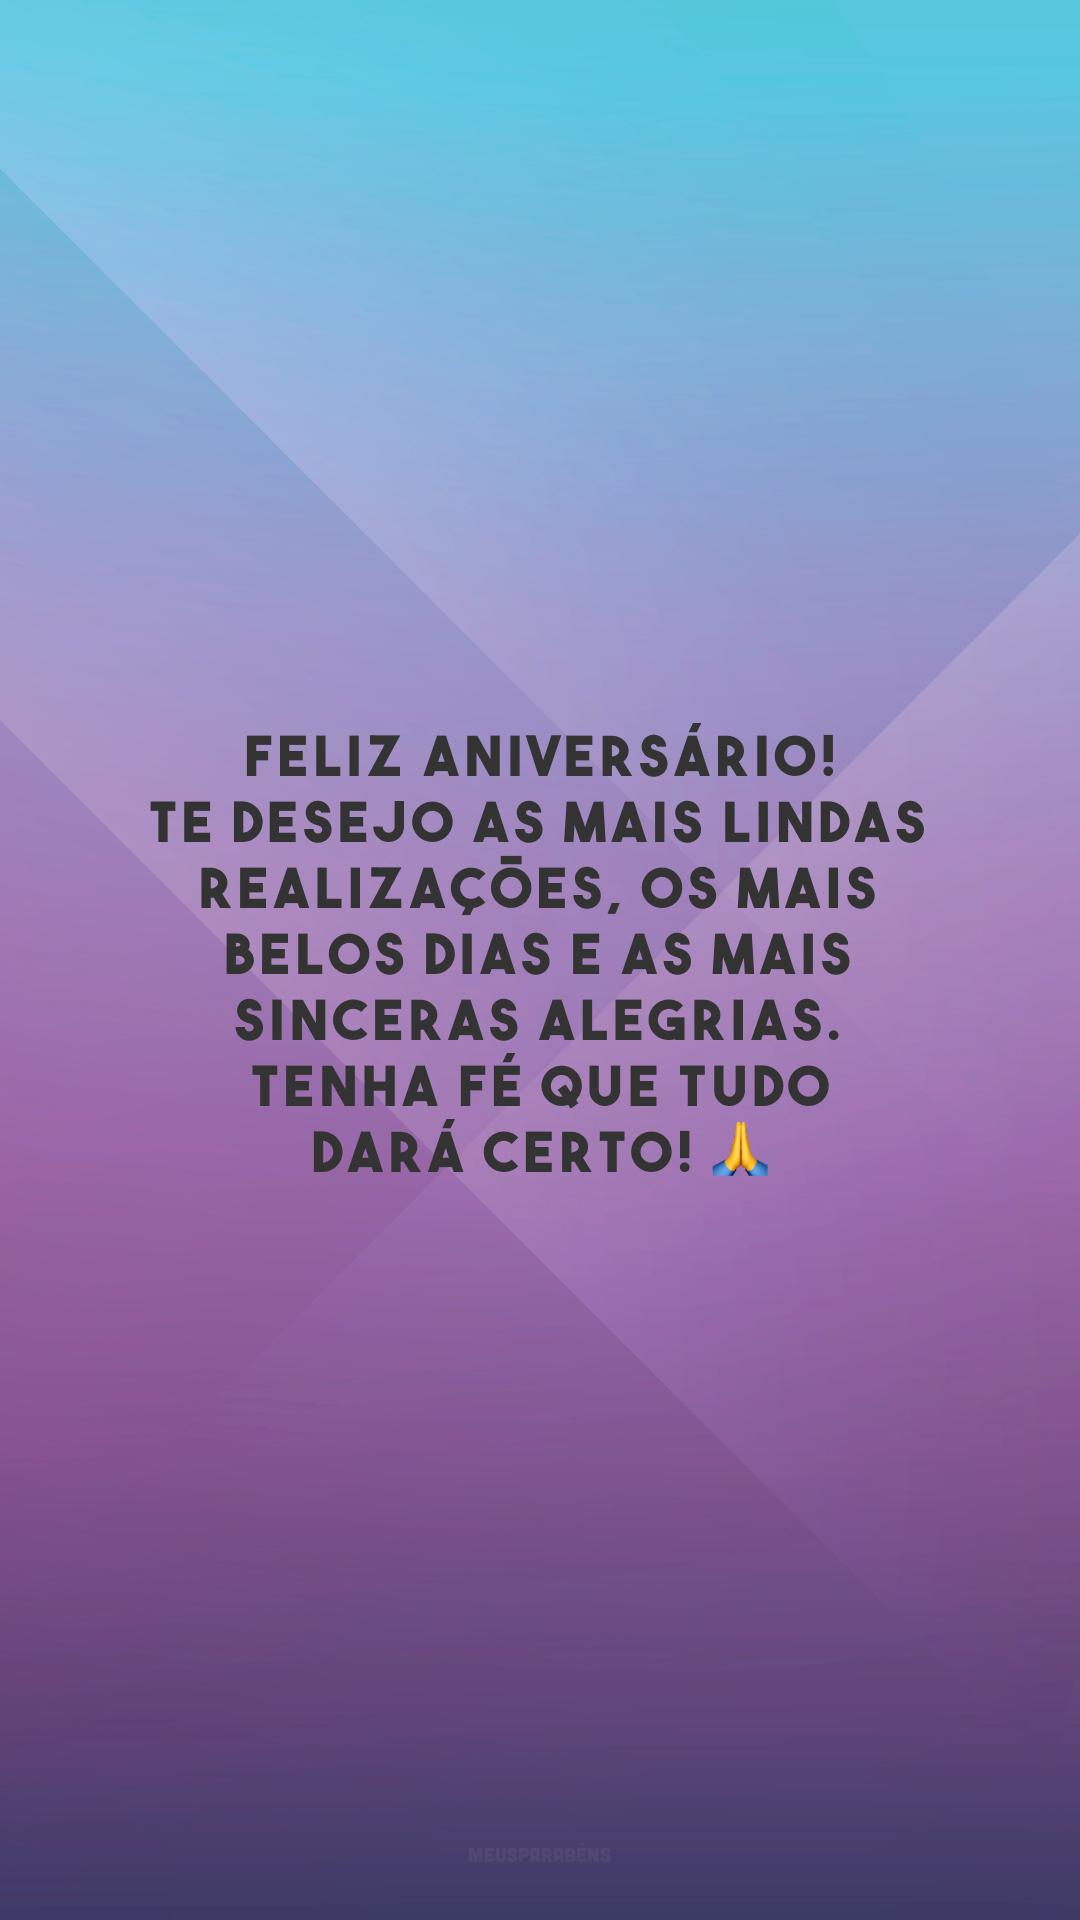 Feliz aniversário! Te desejo as mais lindas realizações, os mais belos dias e as mais sinceras alegrias. Tenha fé que tudo dará certo!